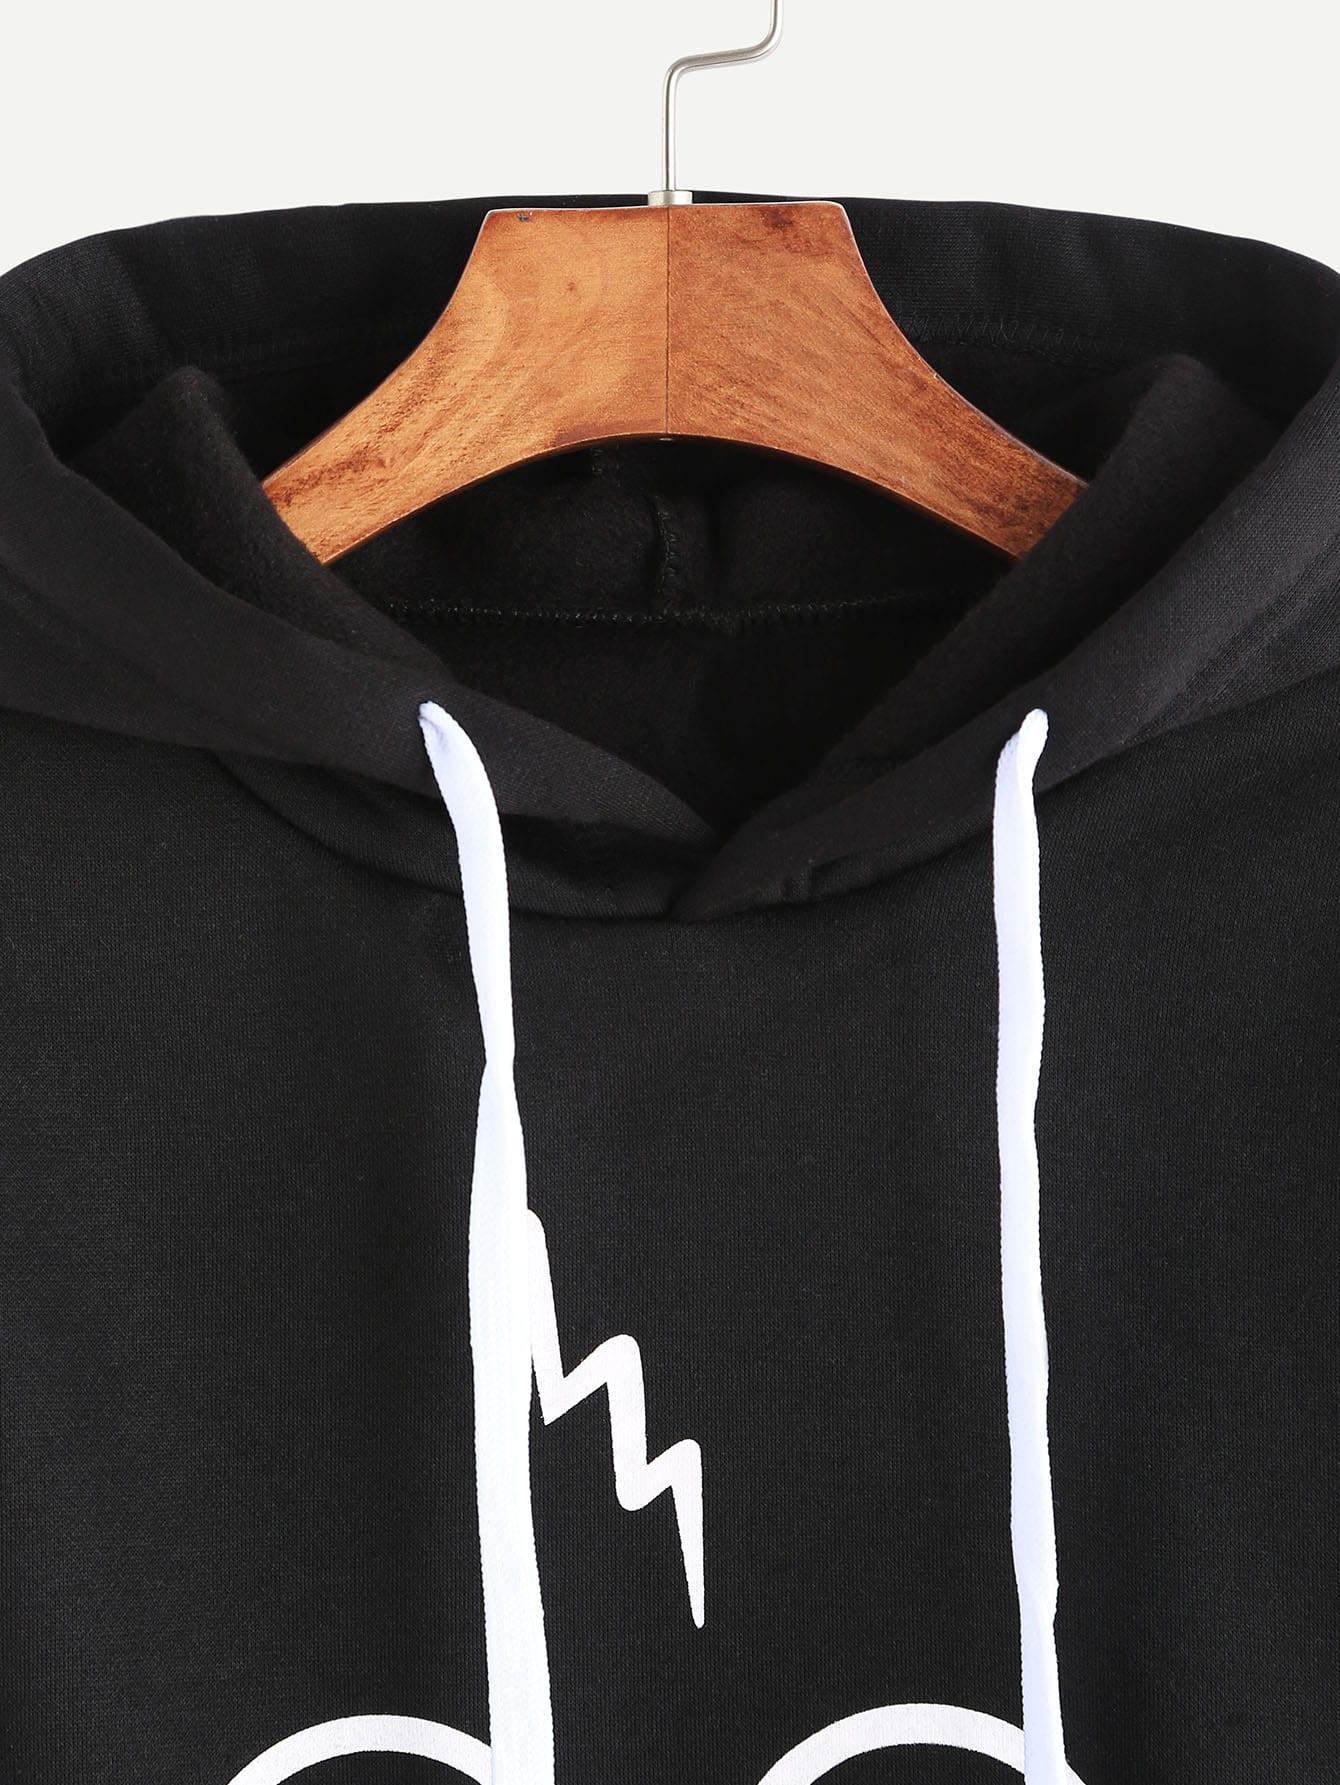 sweatshirt161208104_2